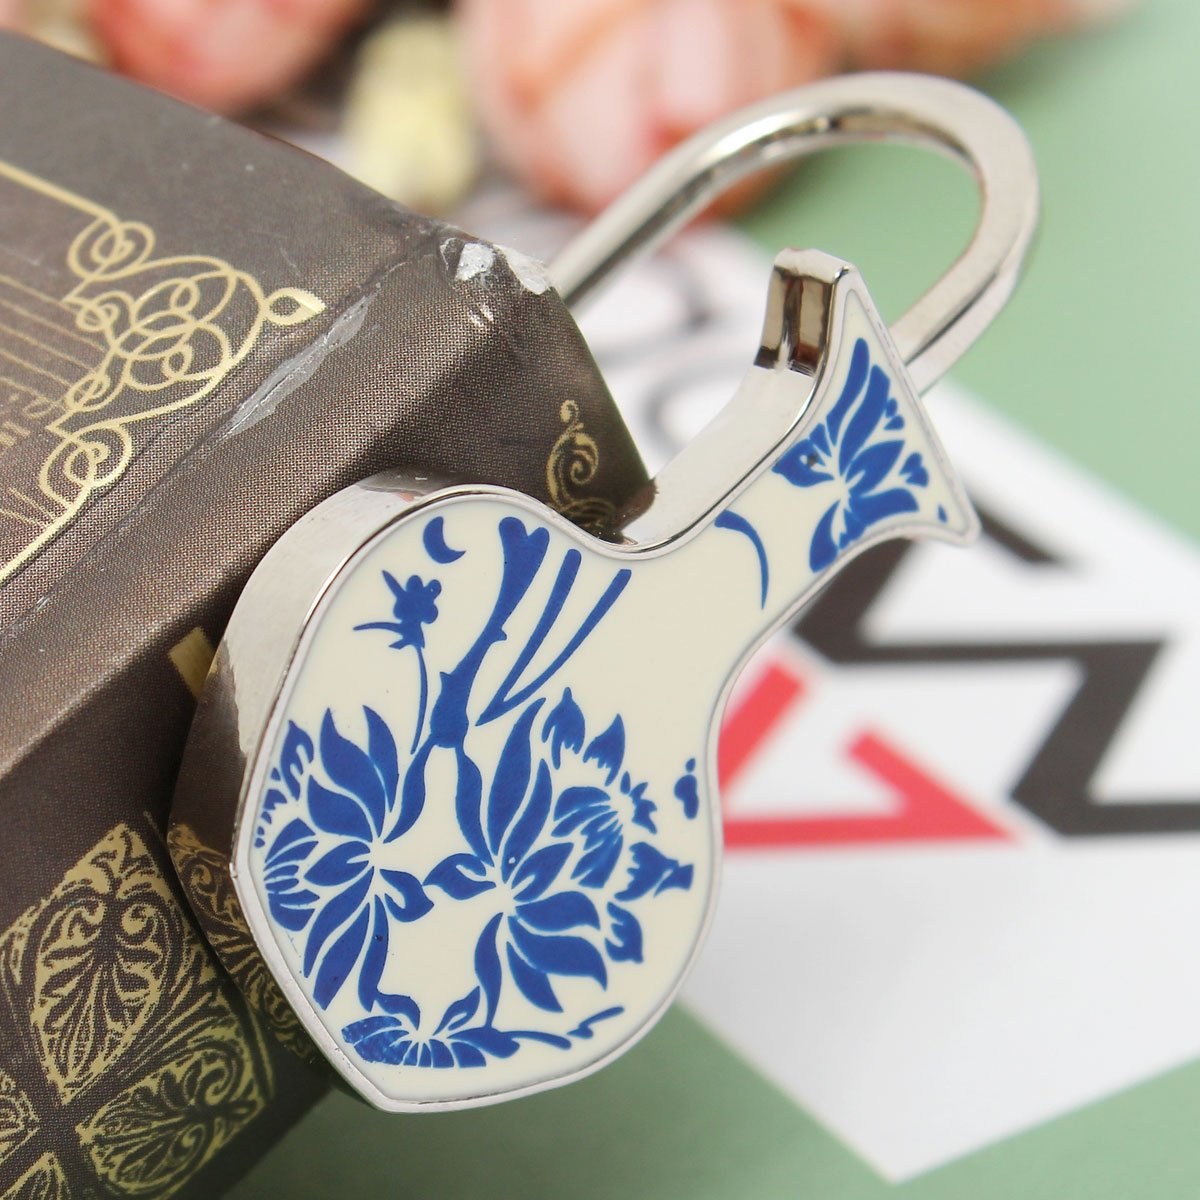 BABAN Marque-pages Bookmark Signets M/émo Traditionnel Chinois Bleu et Blanc Porcelaine Cr/éatif Cadeau C